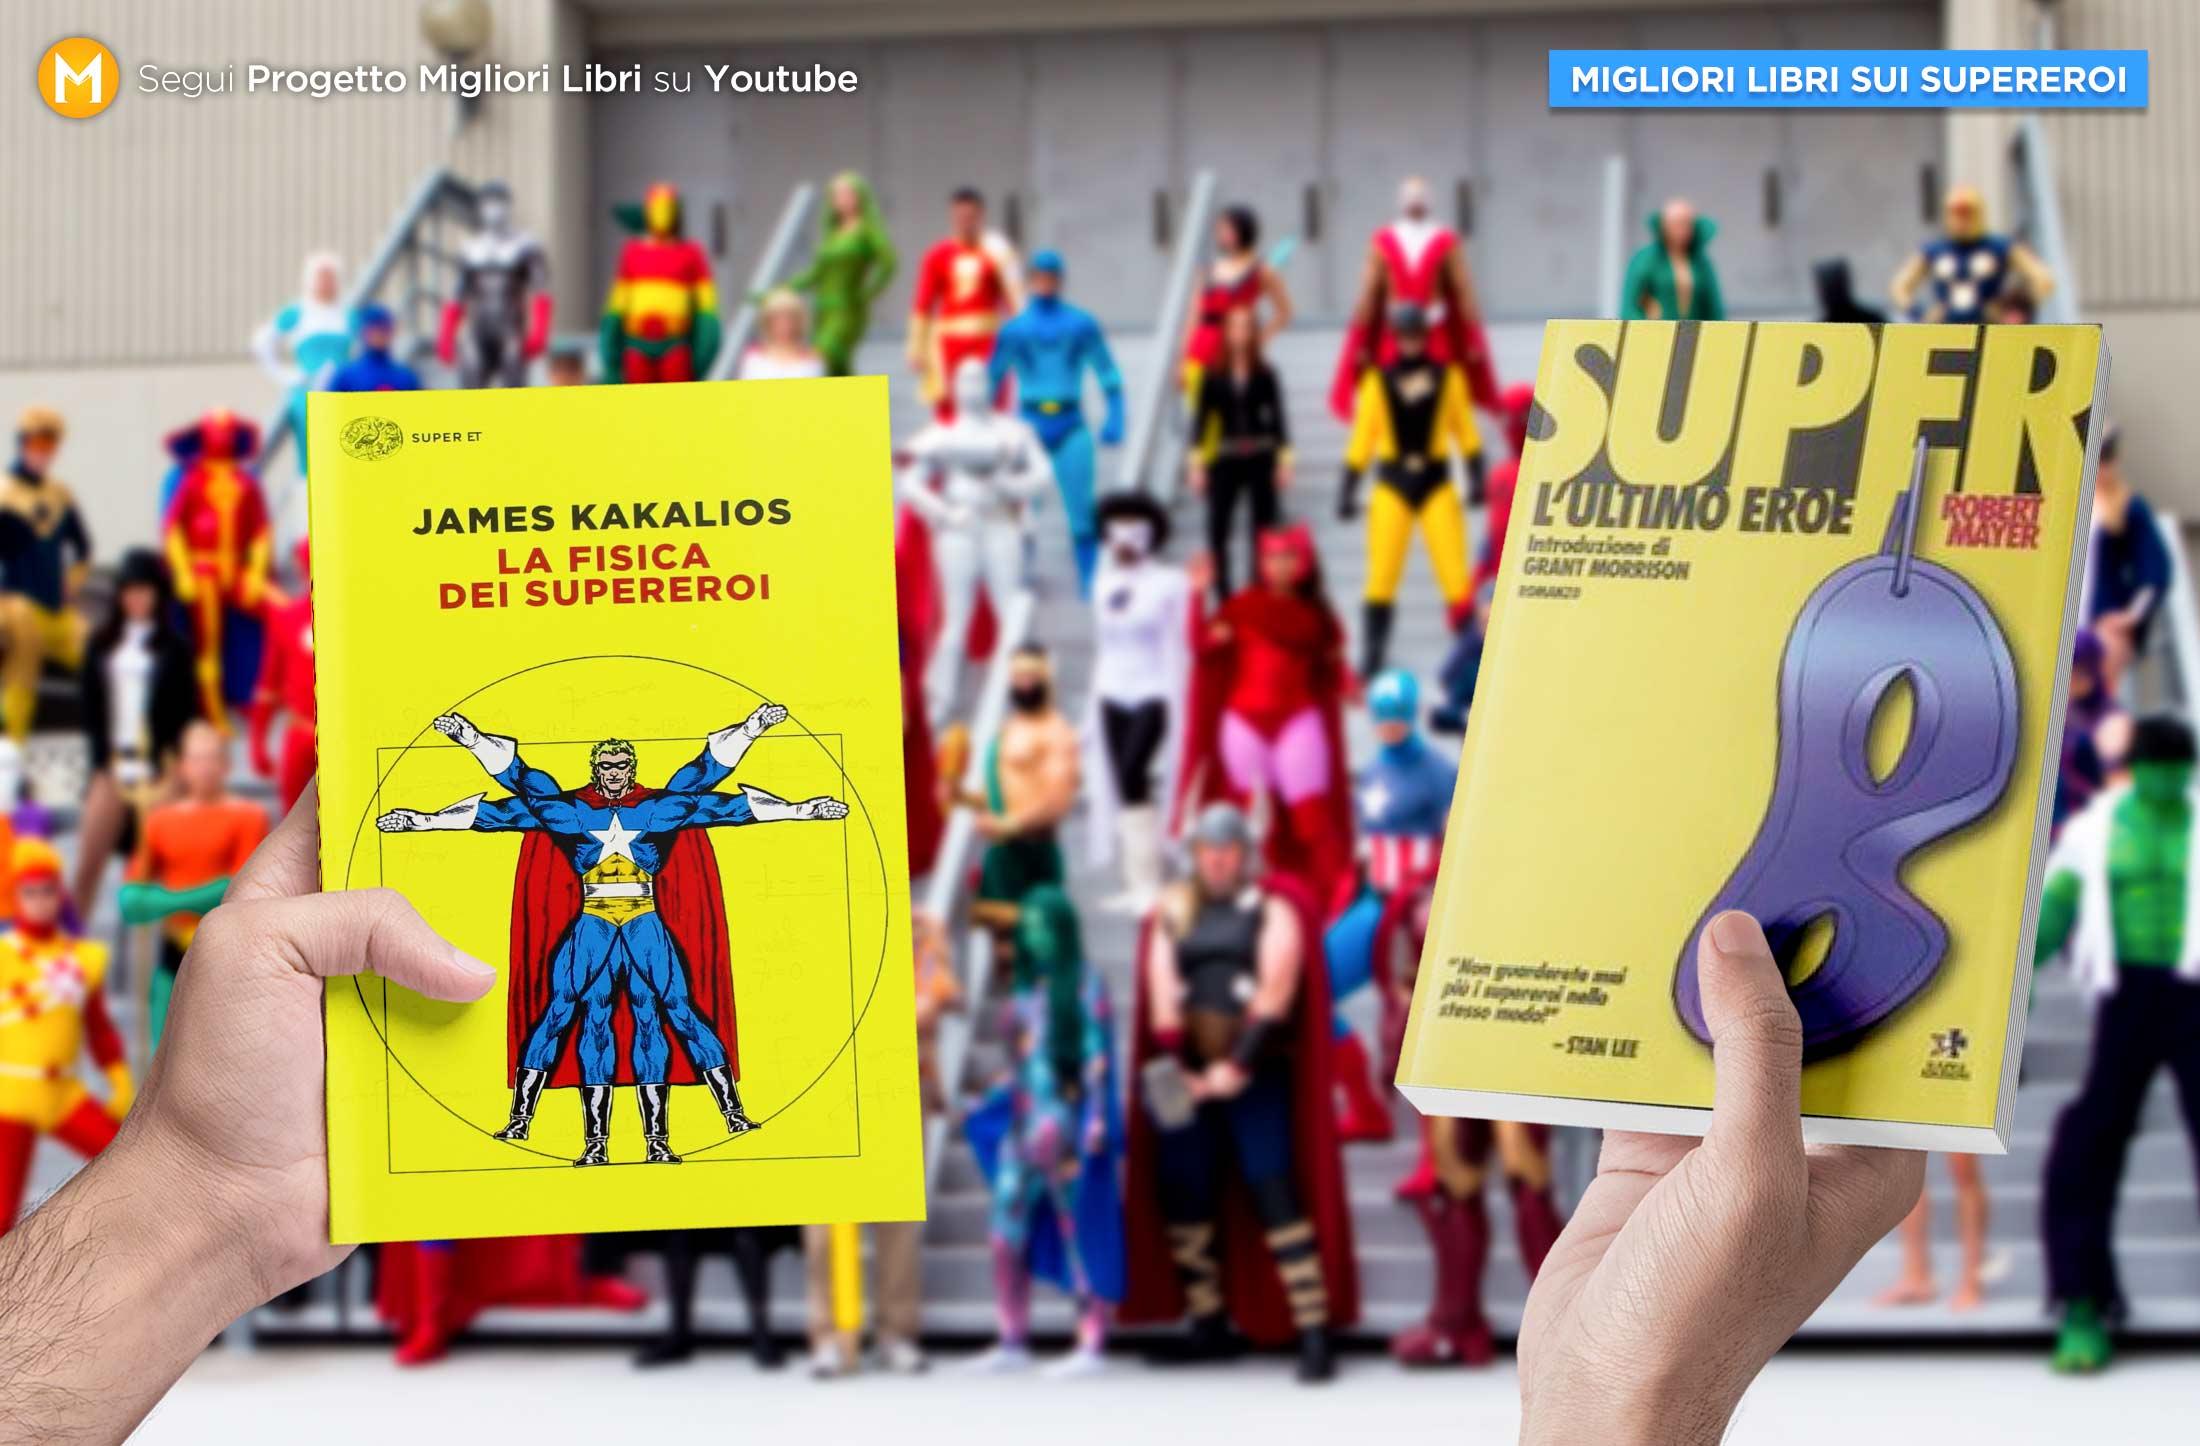 migliori-libri-sui-supereroi